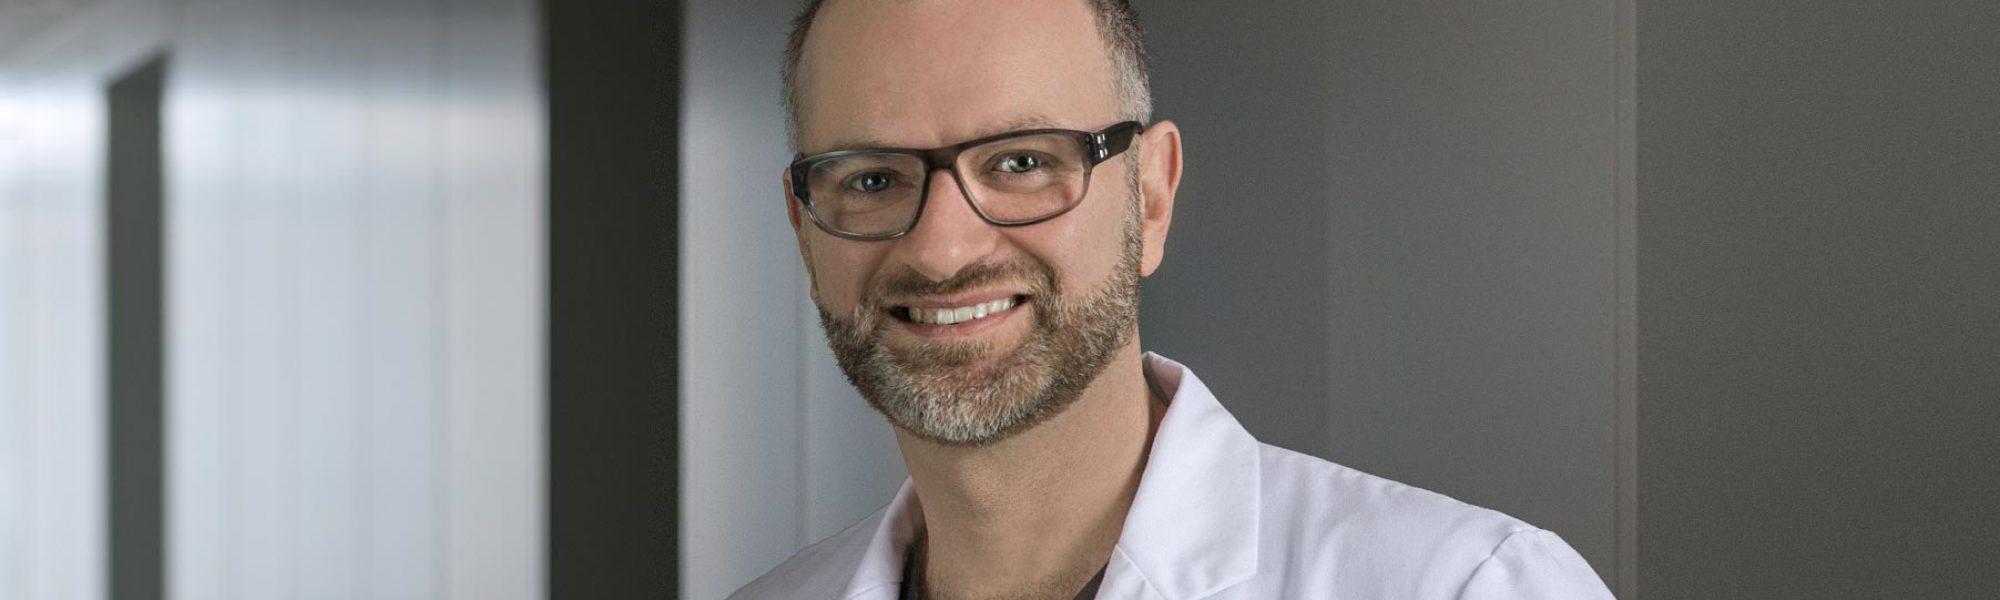 Arztporträt Dr. Dr. Daniel Groisman